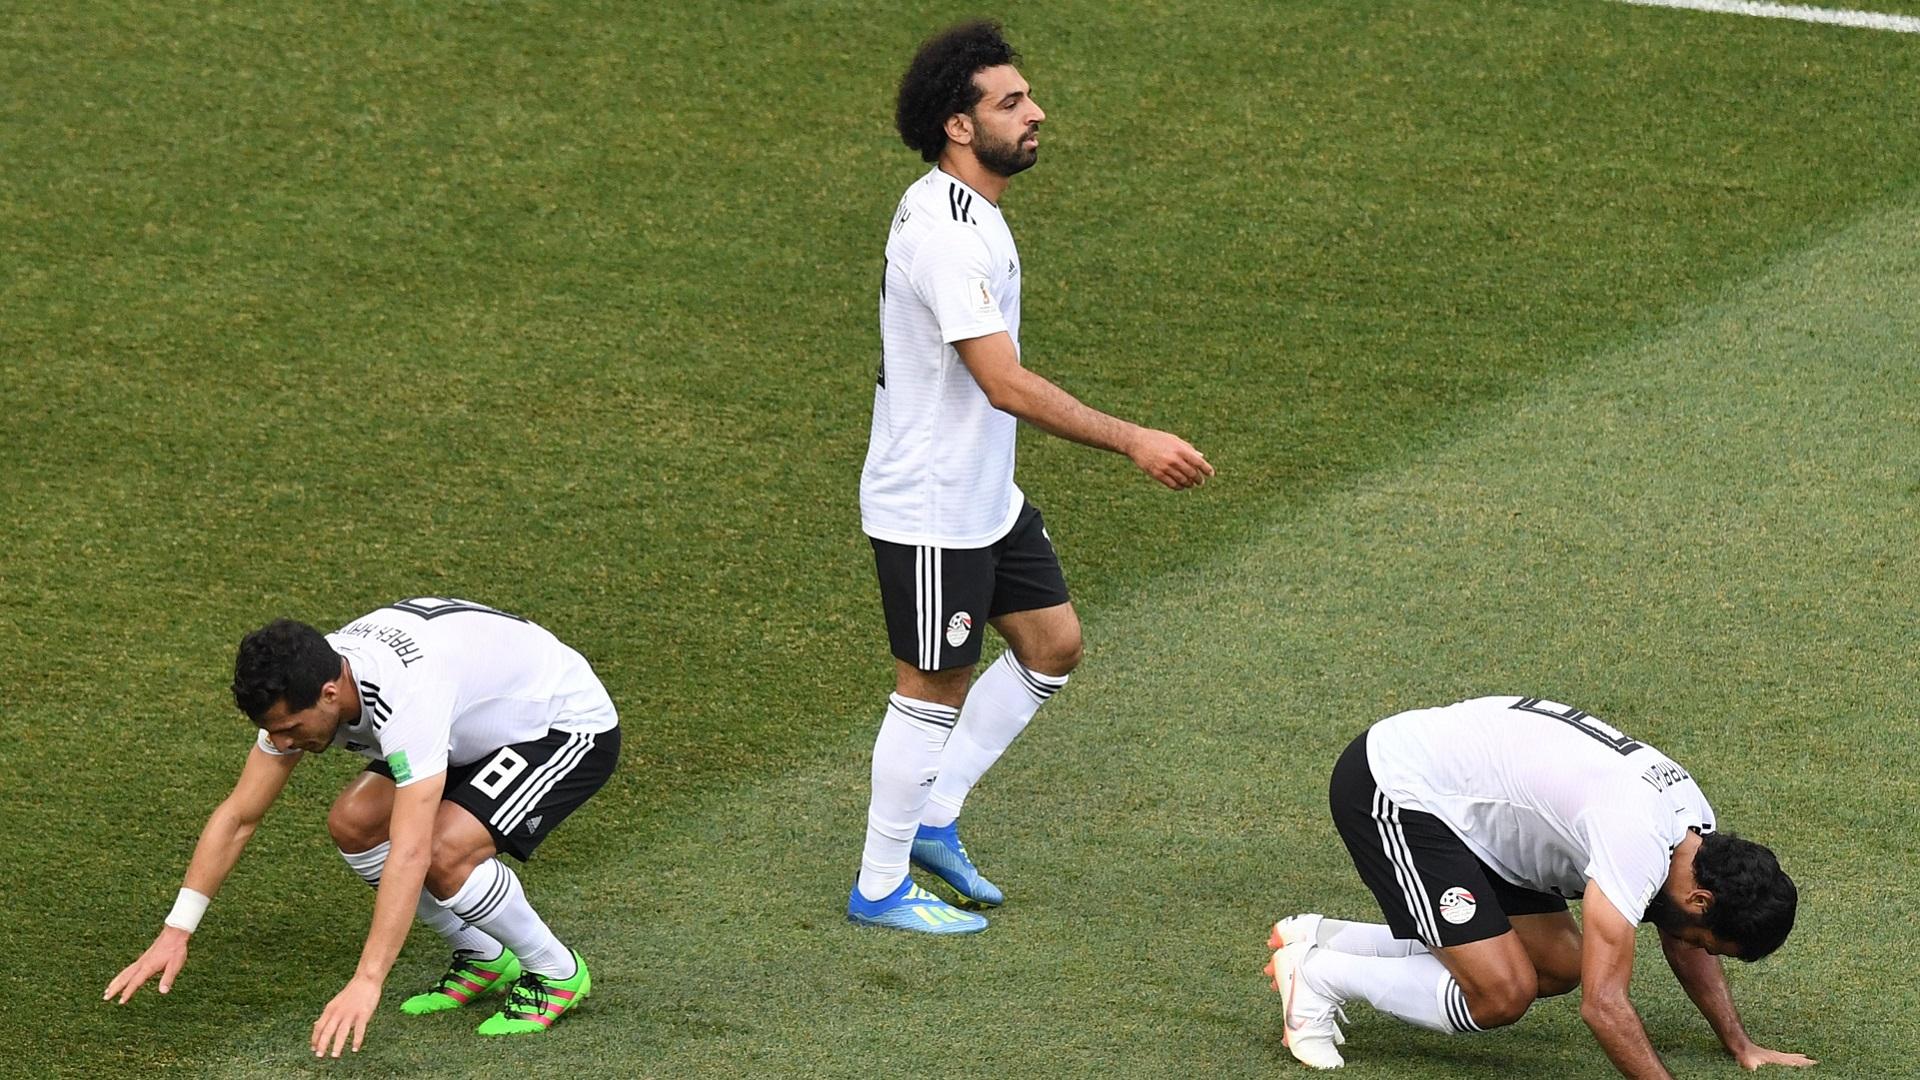 Image result for เอฟเออียิปต์ชี้ศีลอดกระทบฟอร์มบอลโลก